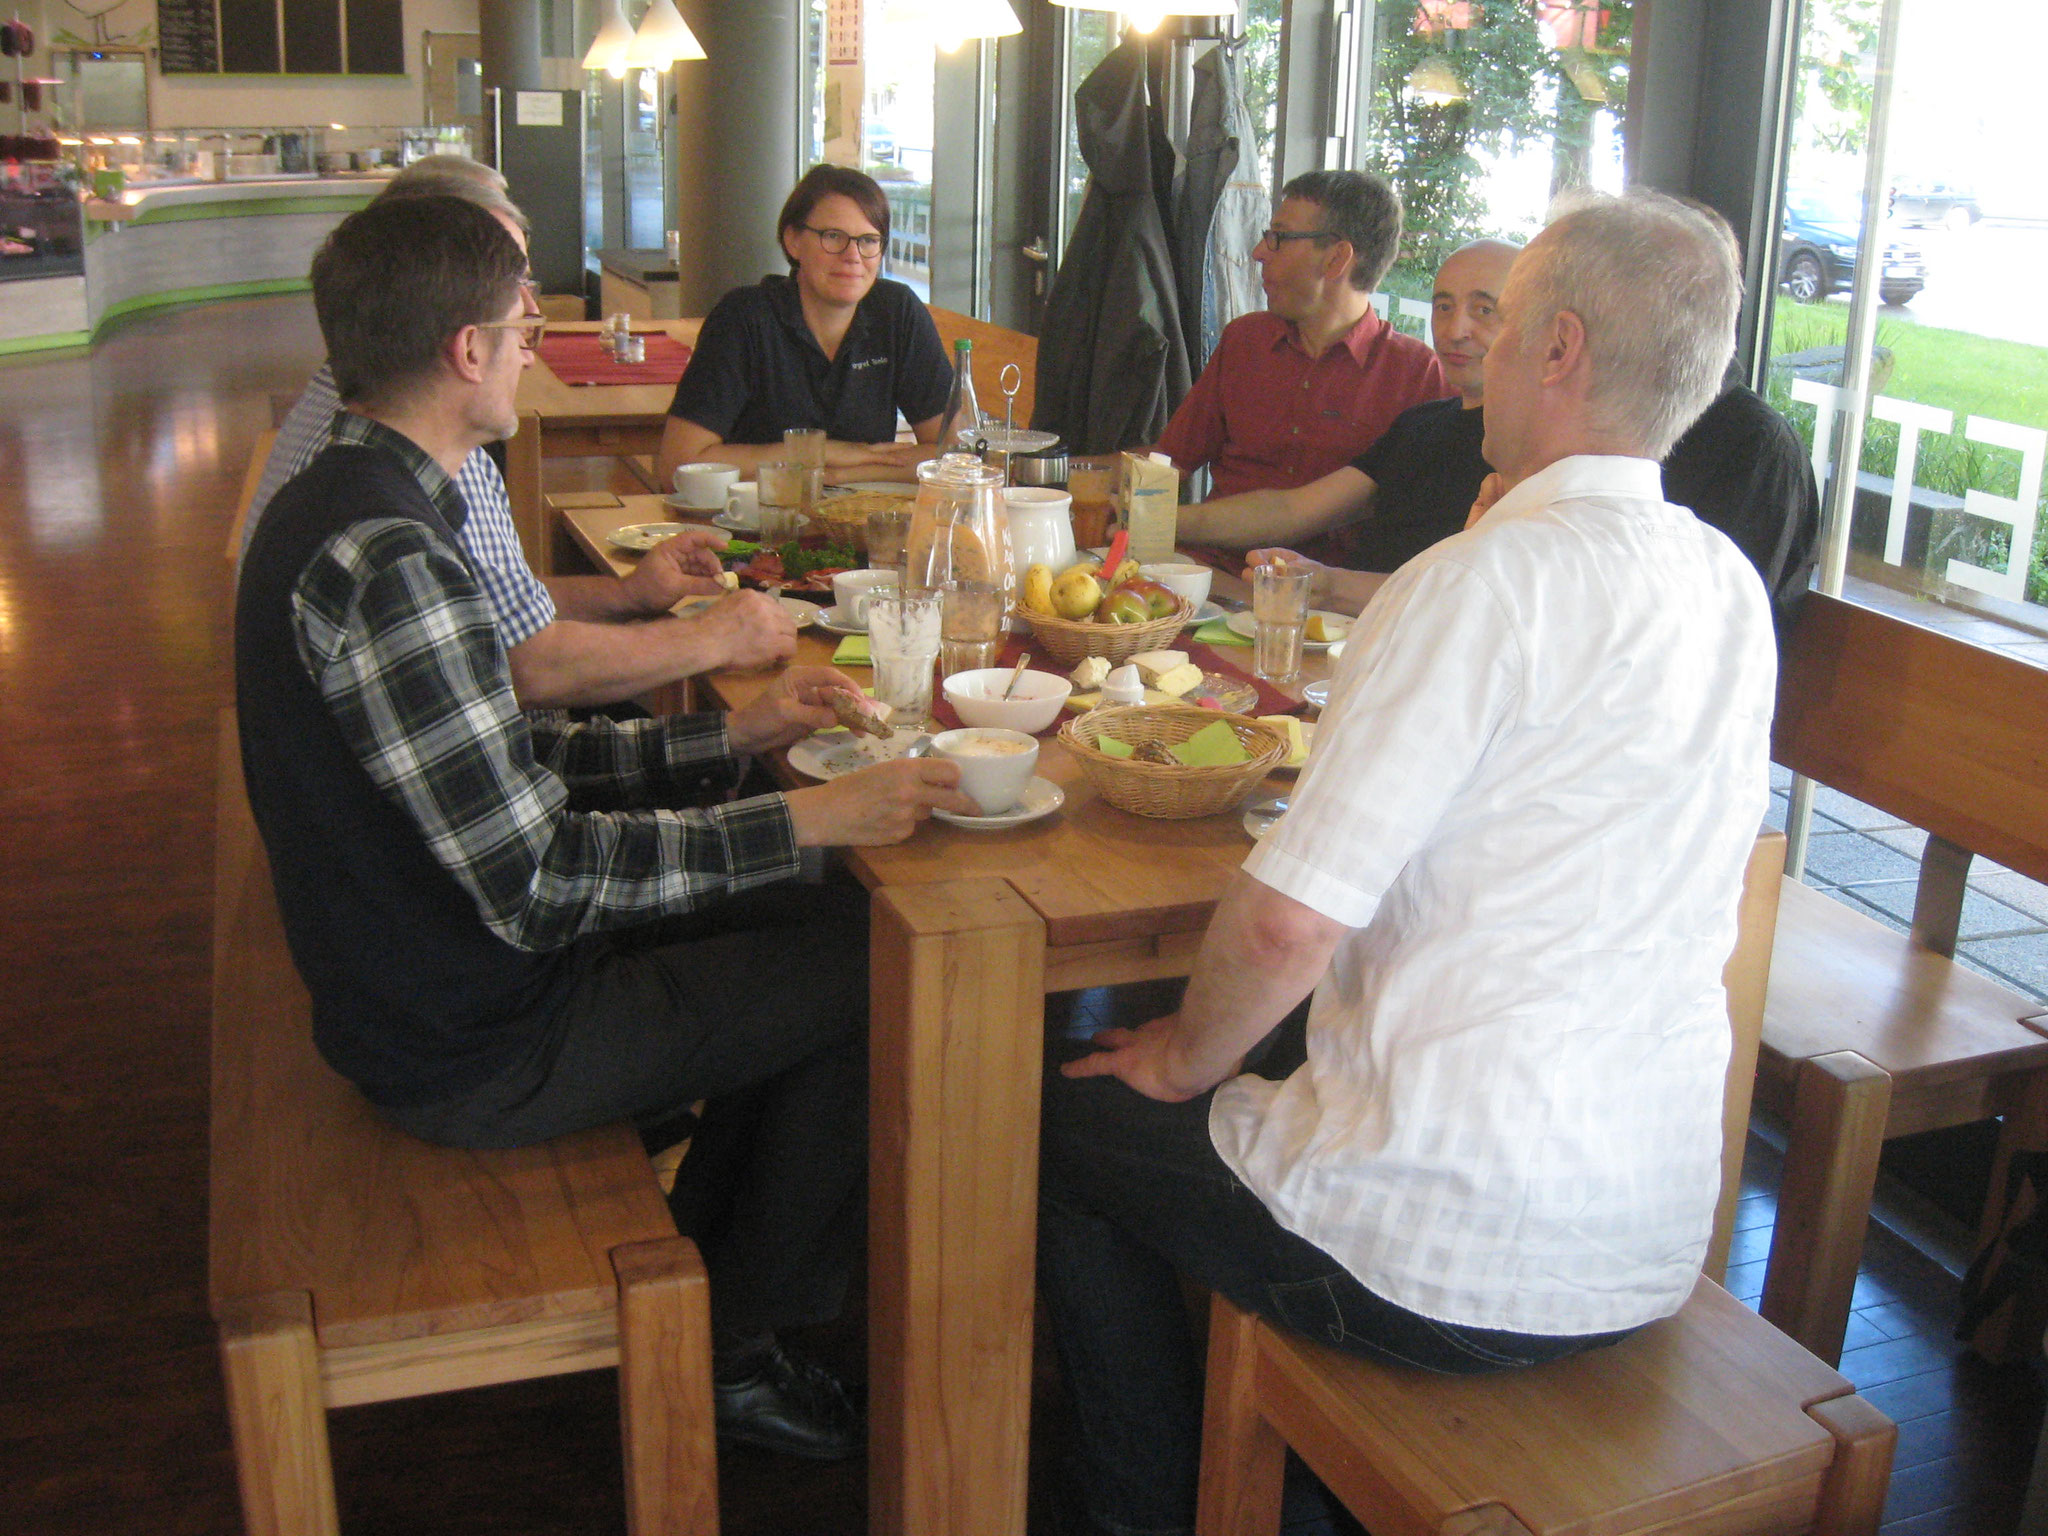 Das Essen kommt bei den Tagungen nicht zu kurz